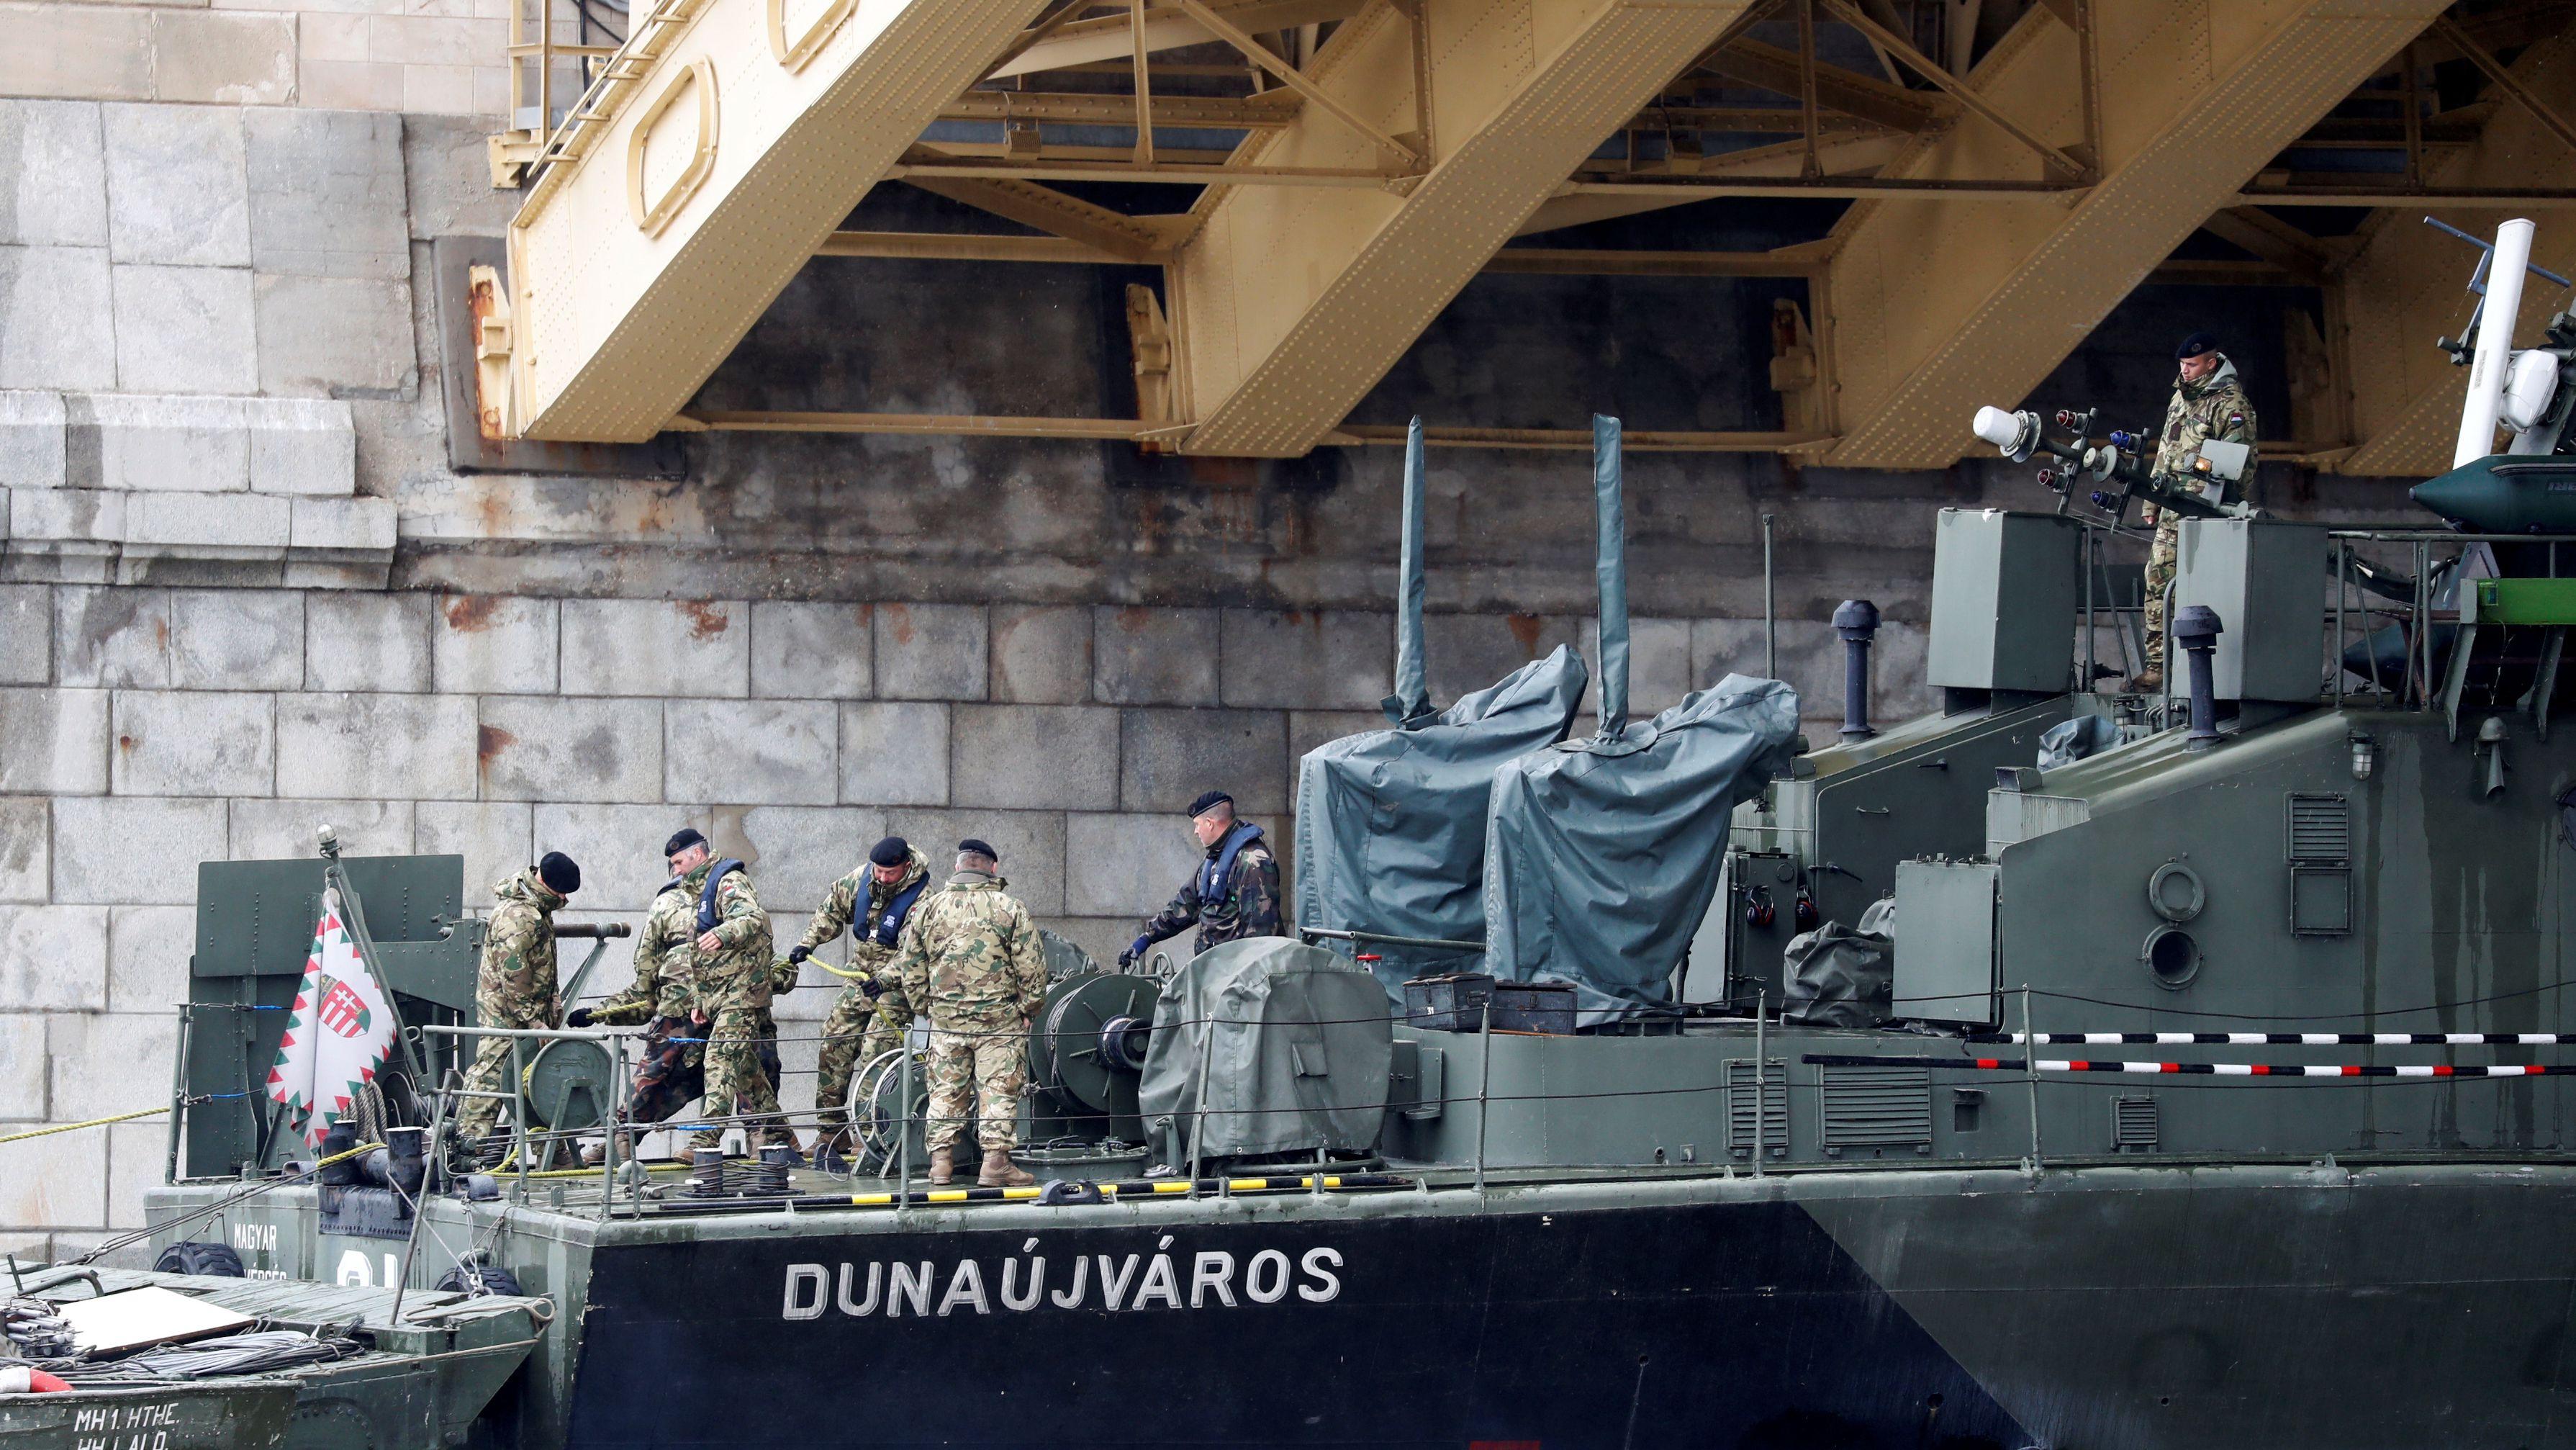 Taucher und Militärangehörige suchen nach den Vermissten